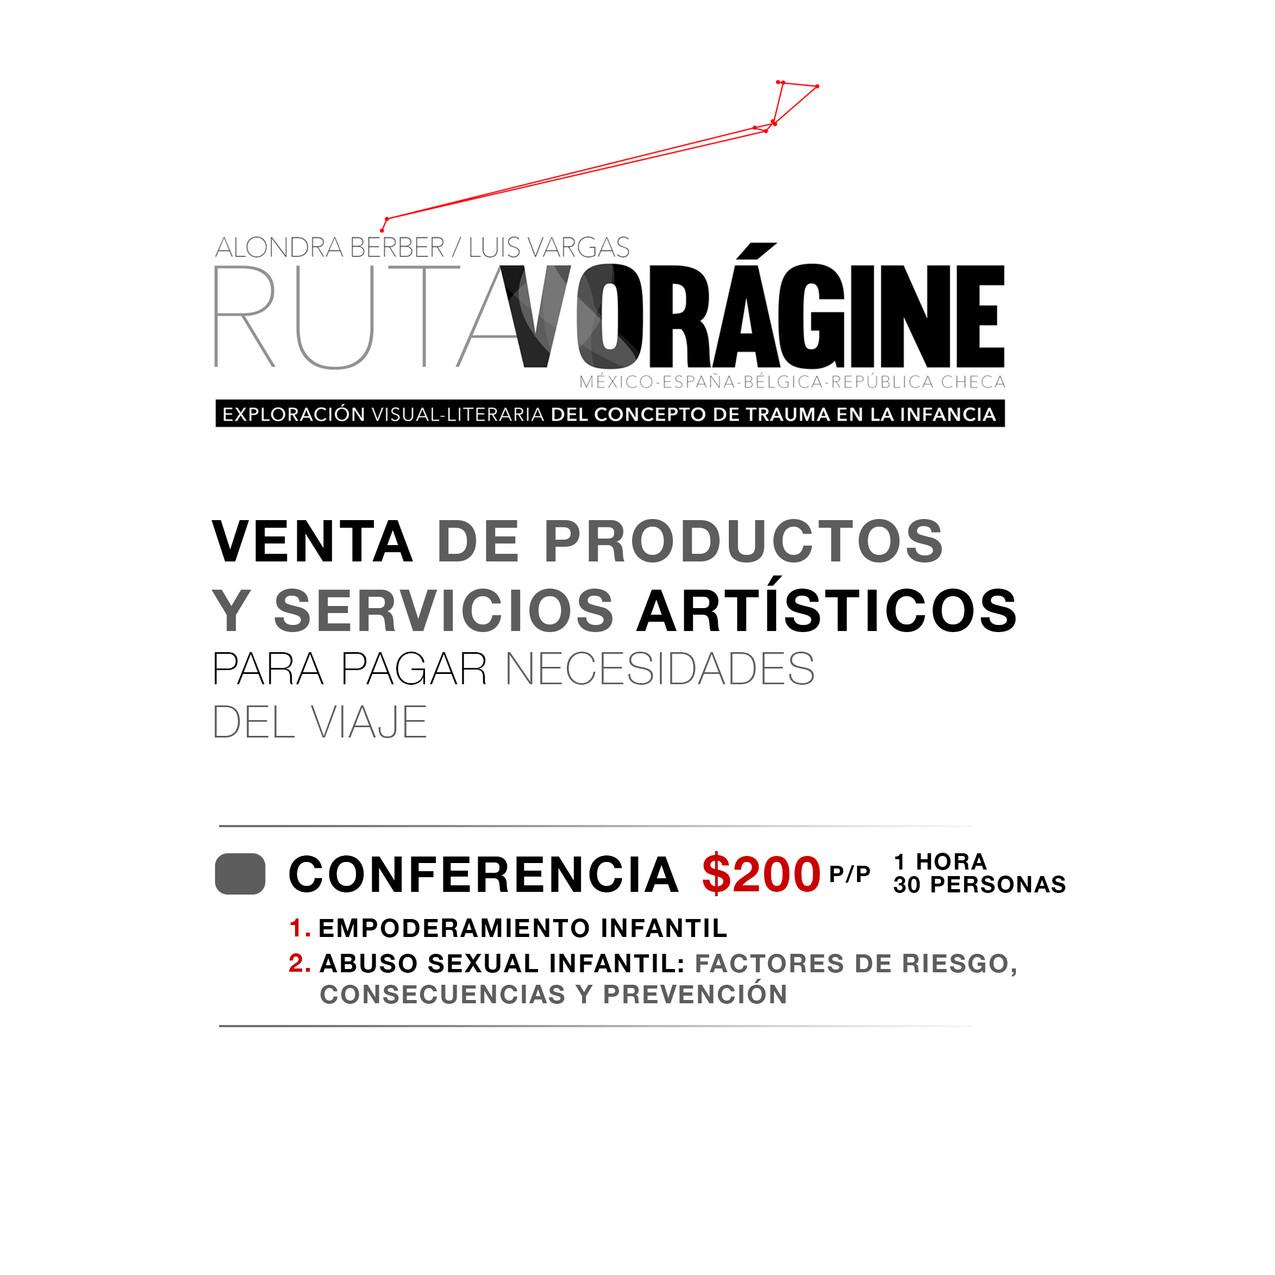 Venta_ruta_vorágine_Conferencia_ALO